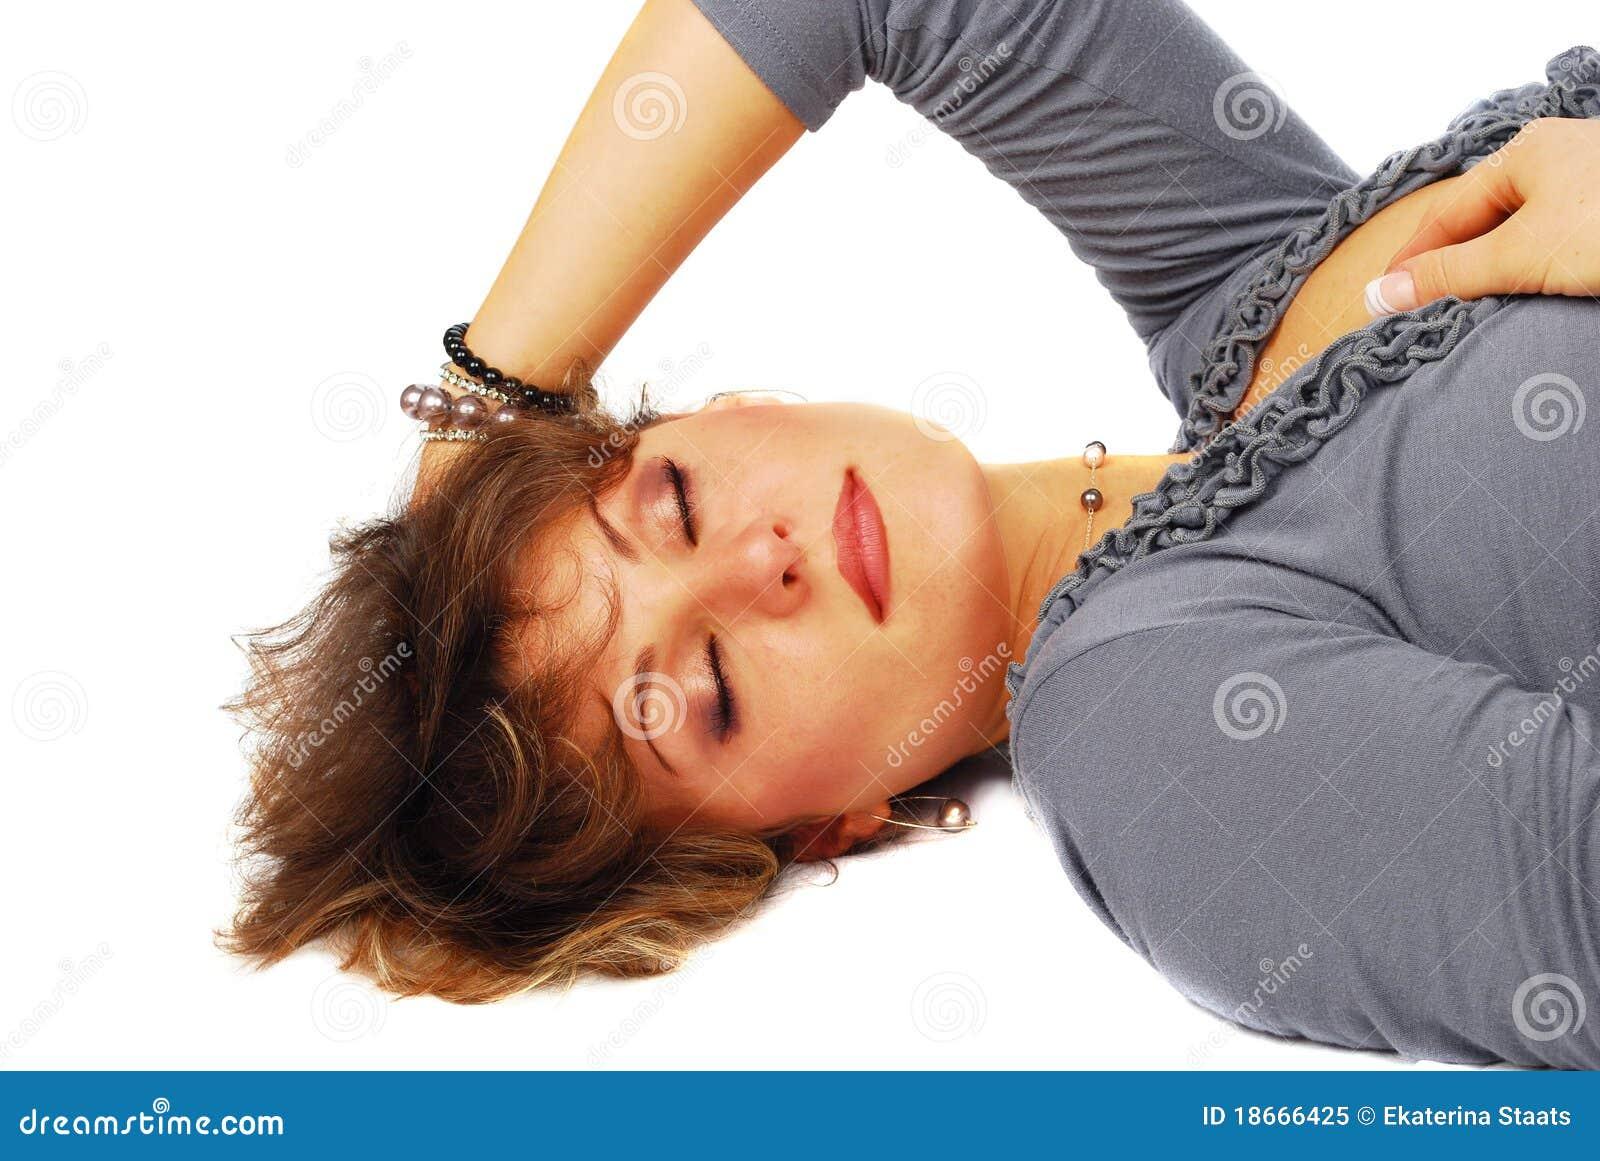 сонная женщина